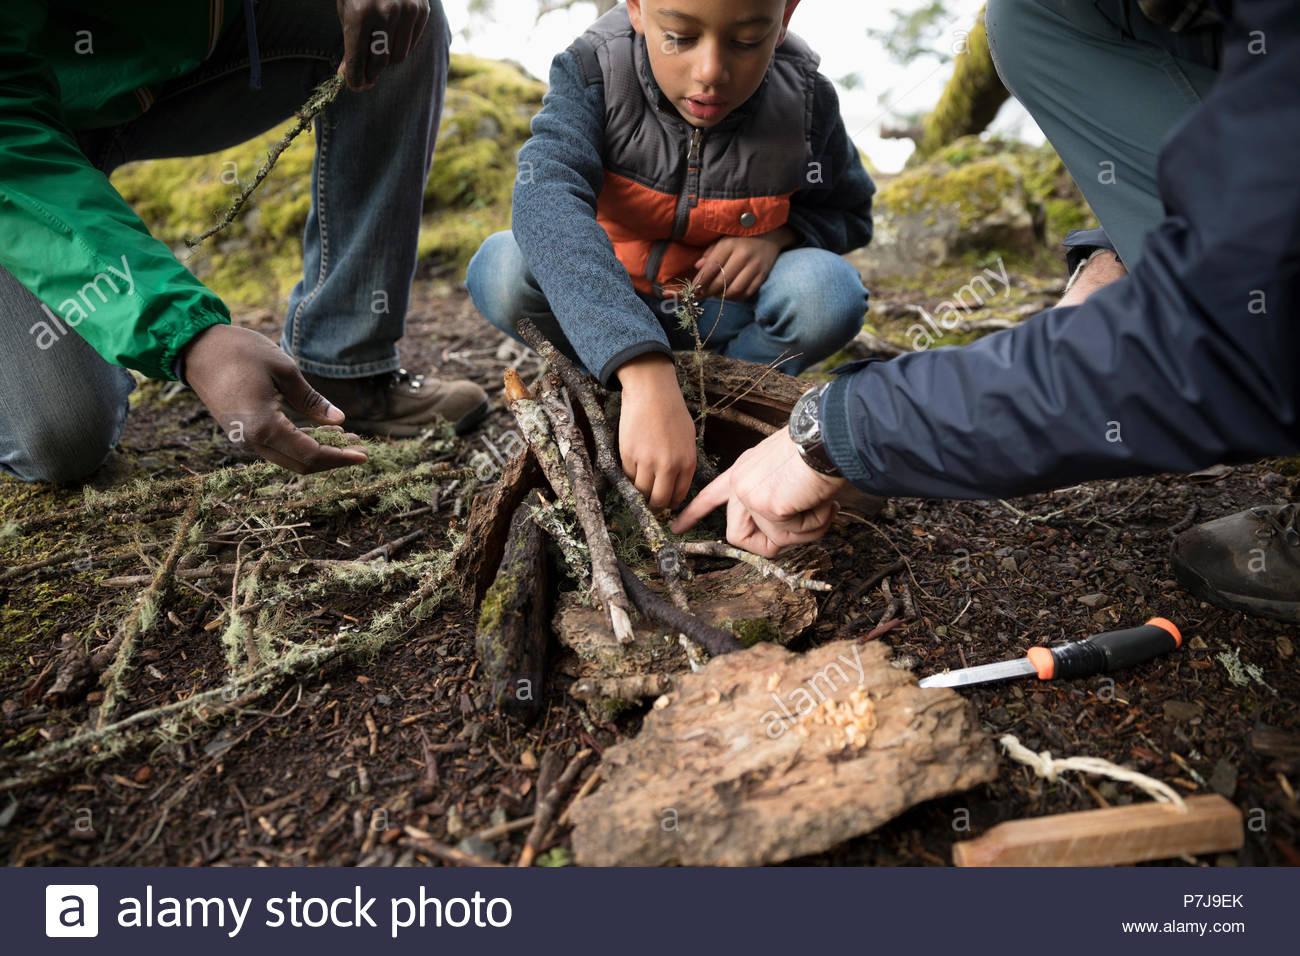 Il sentiero guida e padre aiutando boy costruire un incendio di boschi Immagini Stock